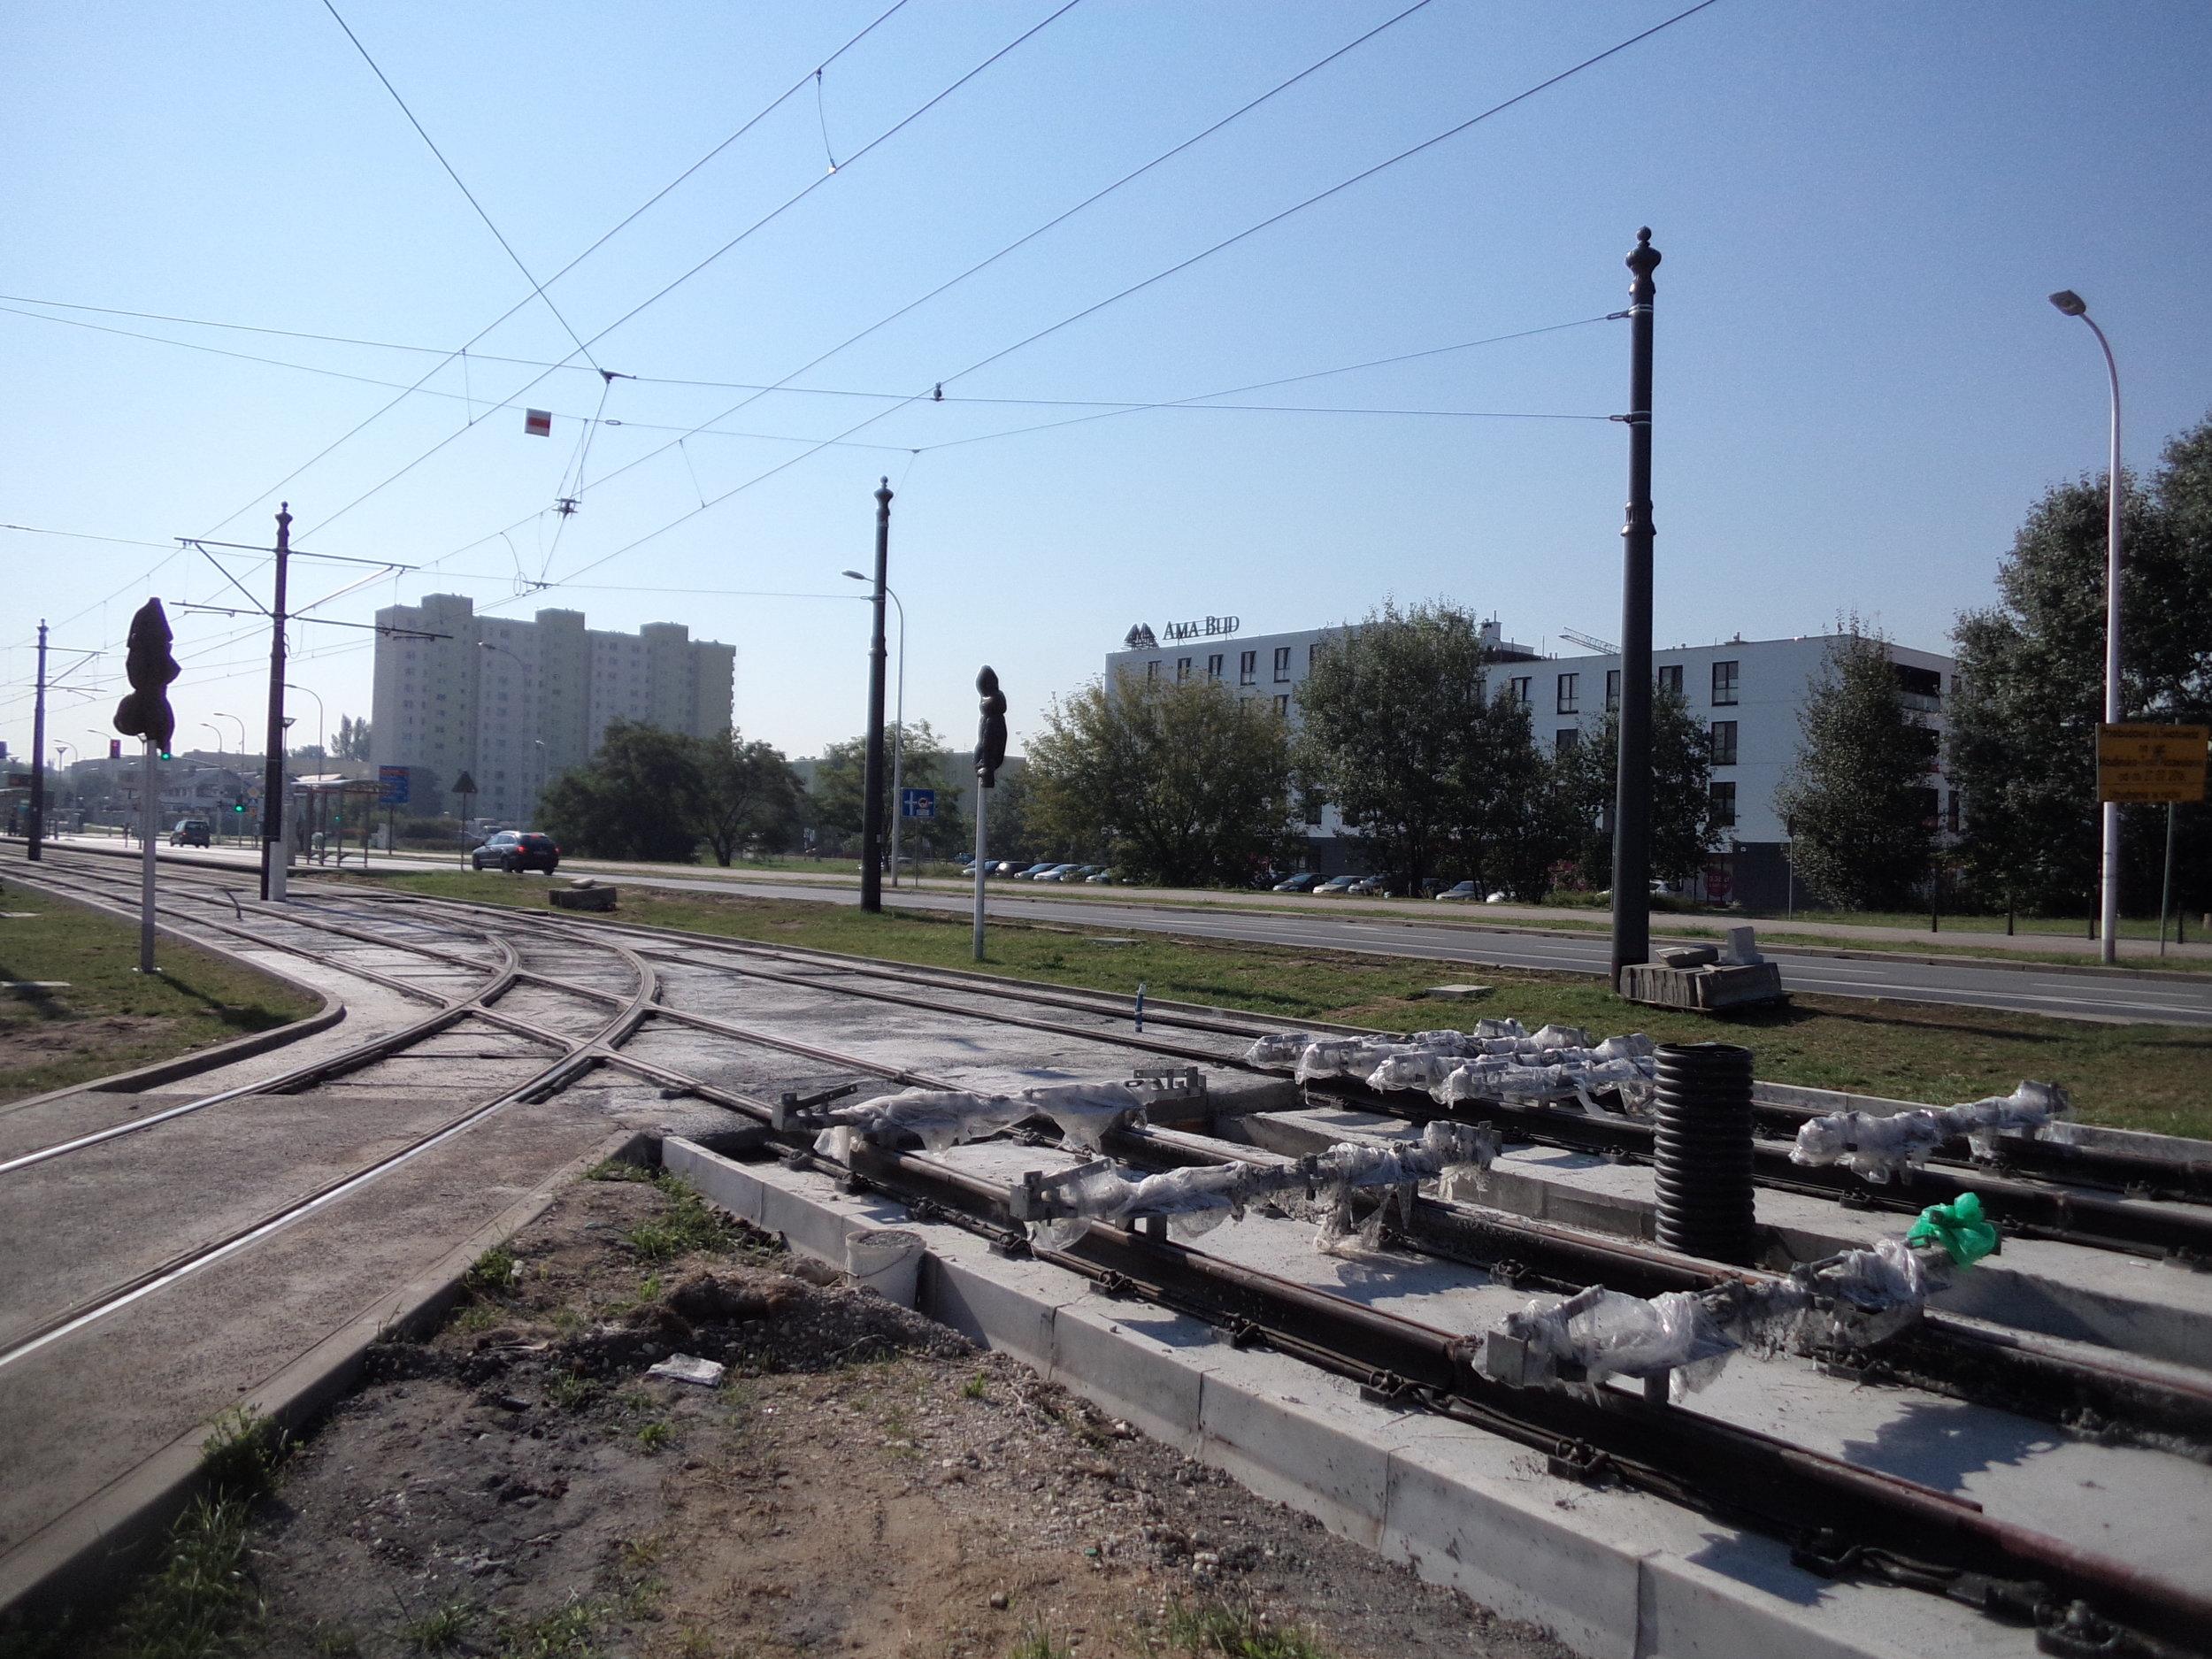 Na přiložených snímcích ze dne 9. září2016 je vyobrazena stavba v blízkosti stávající konečné linek č. 2 a 17 Tarchomin Kościelny.